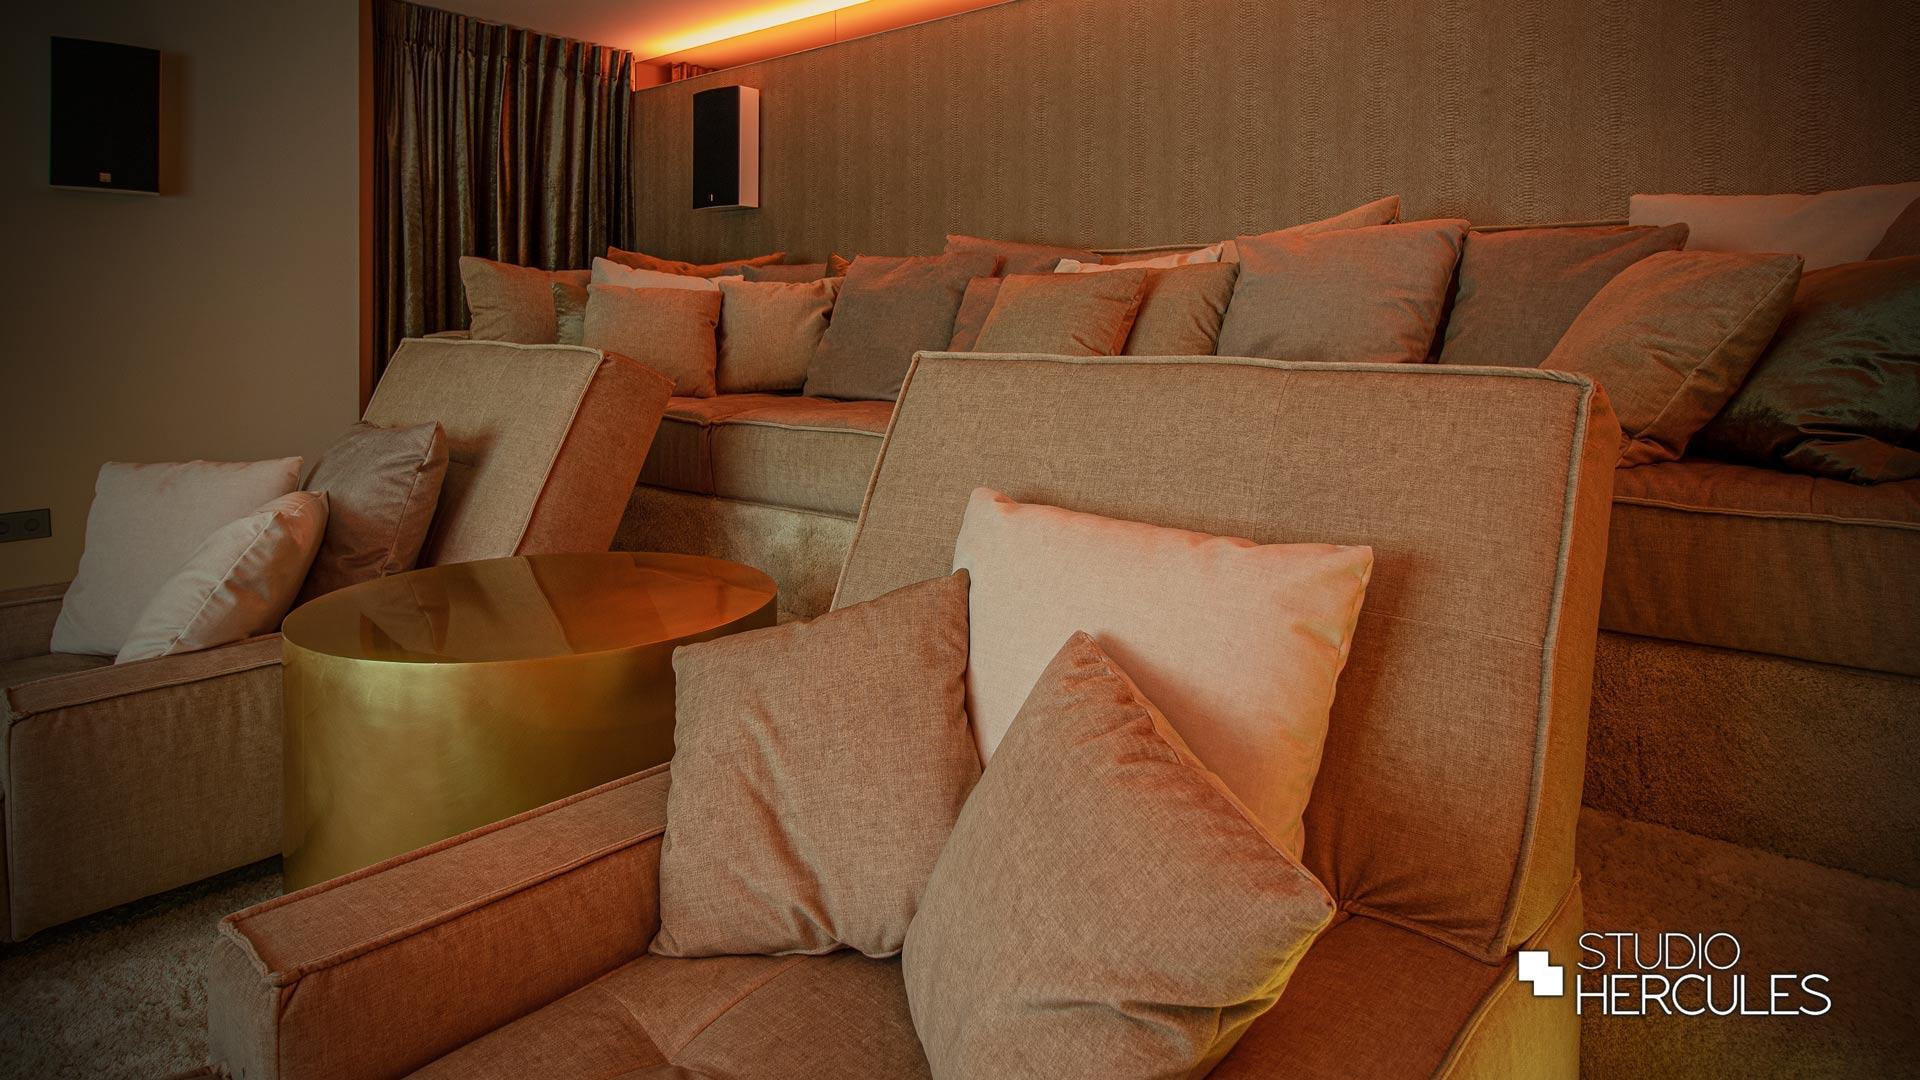 StudioHercules_home_cinema_amsterdam_04